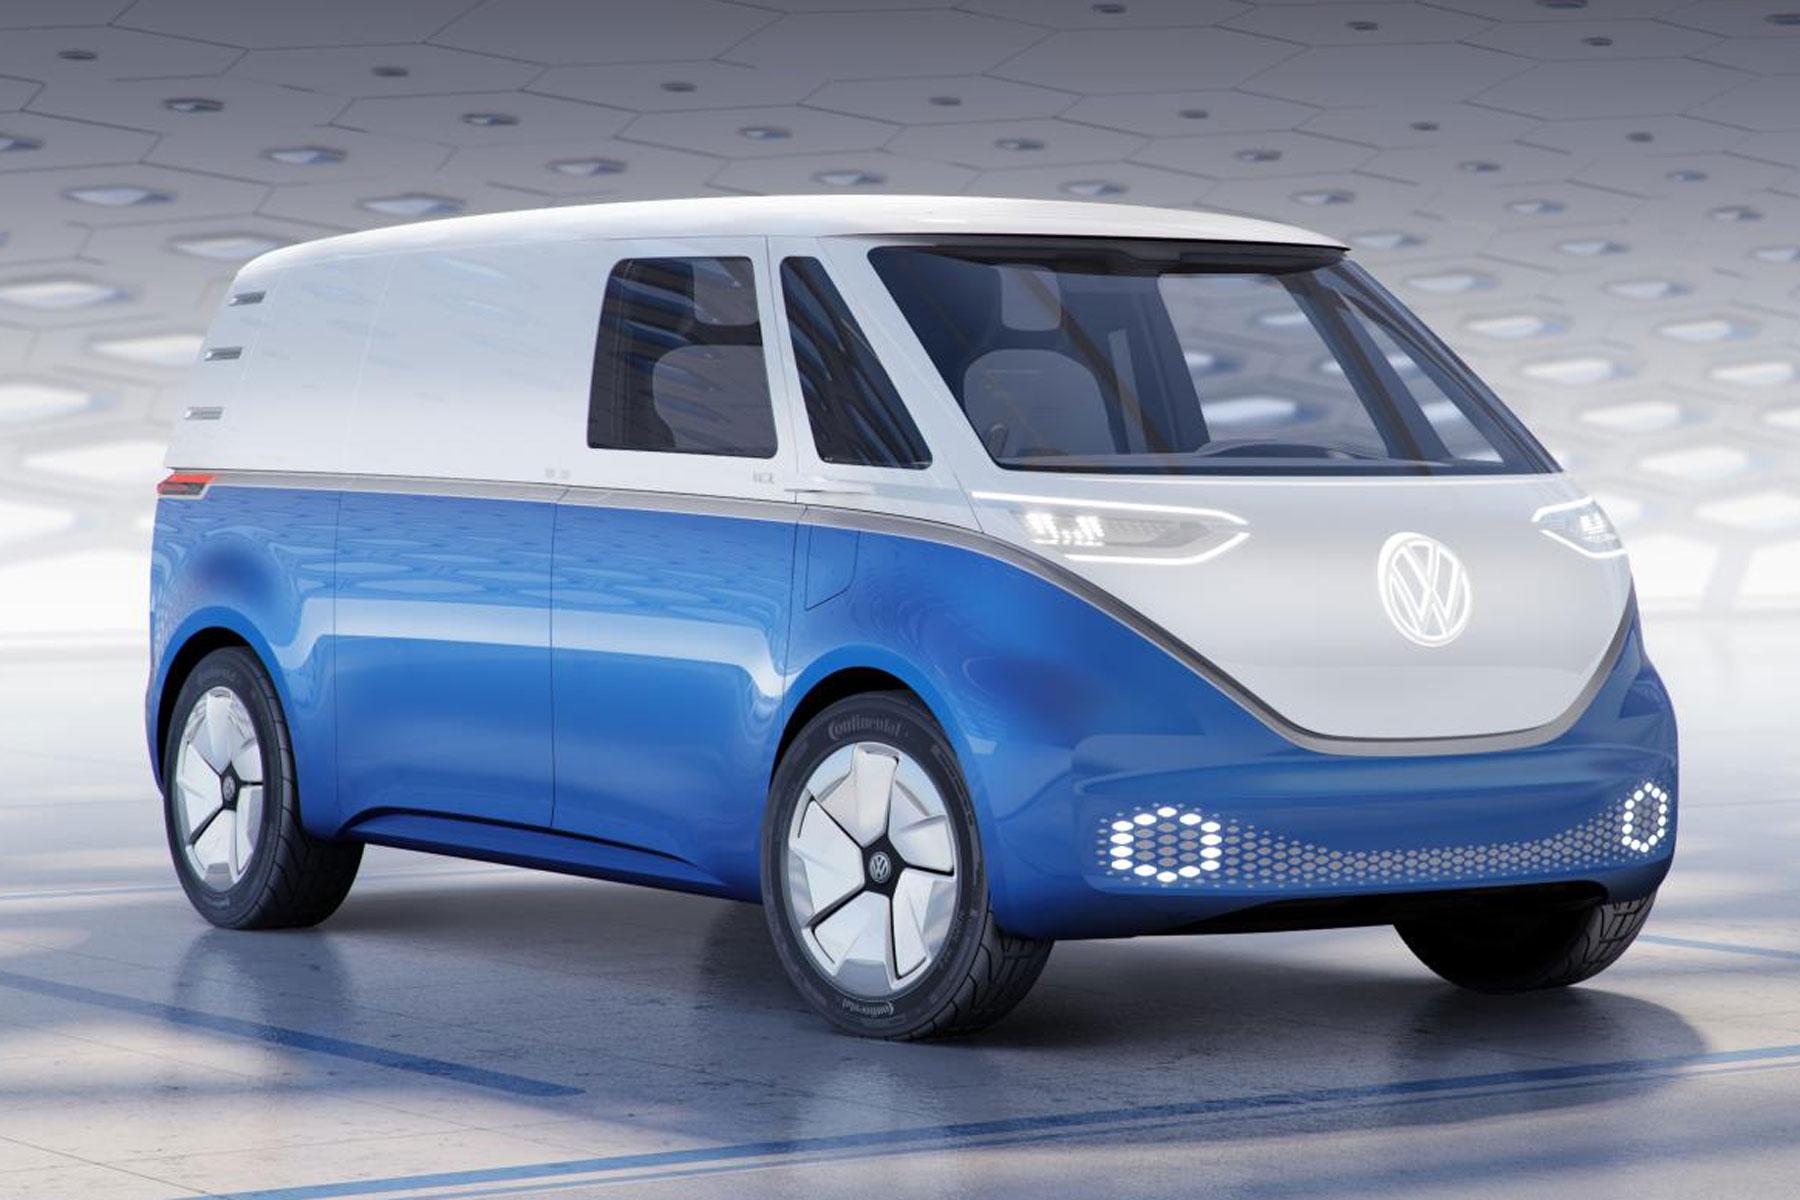 2019 Volkswagen ID Buzz Cargo Concept